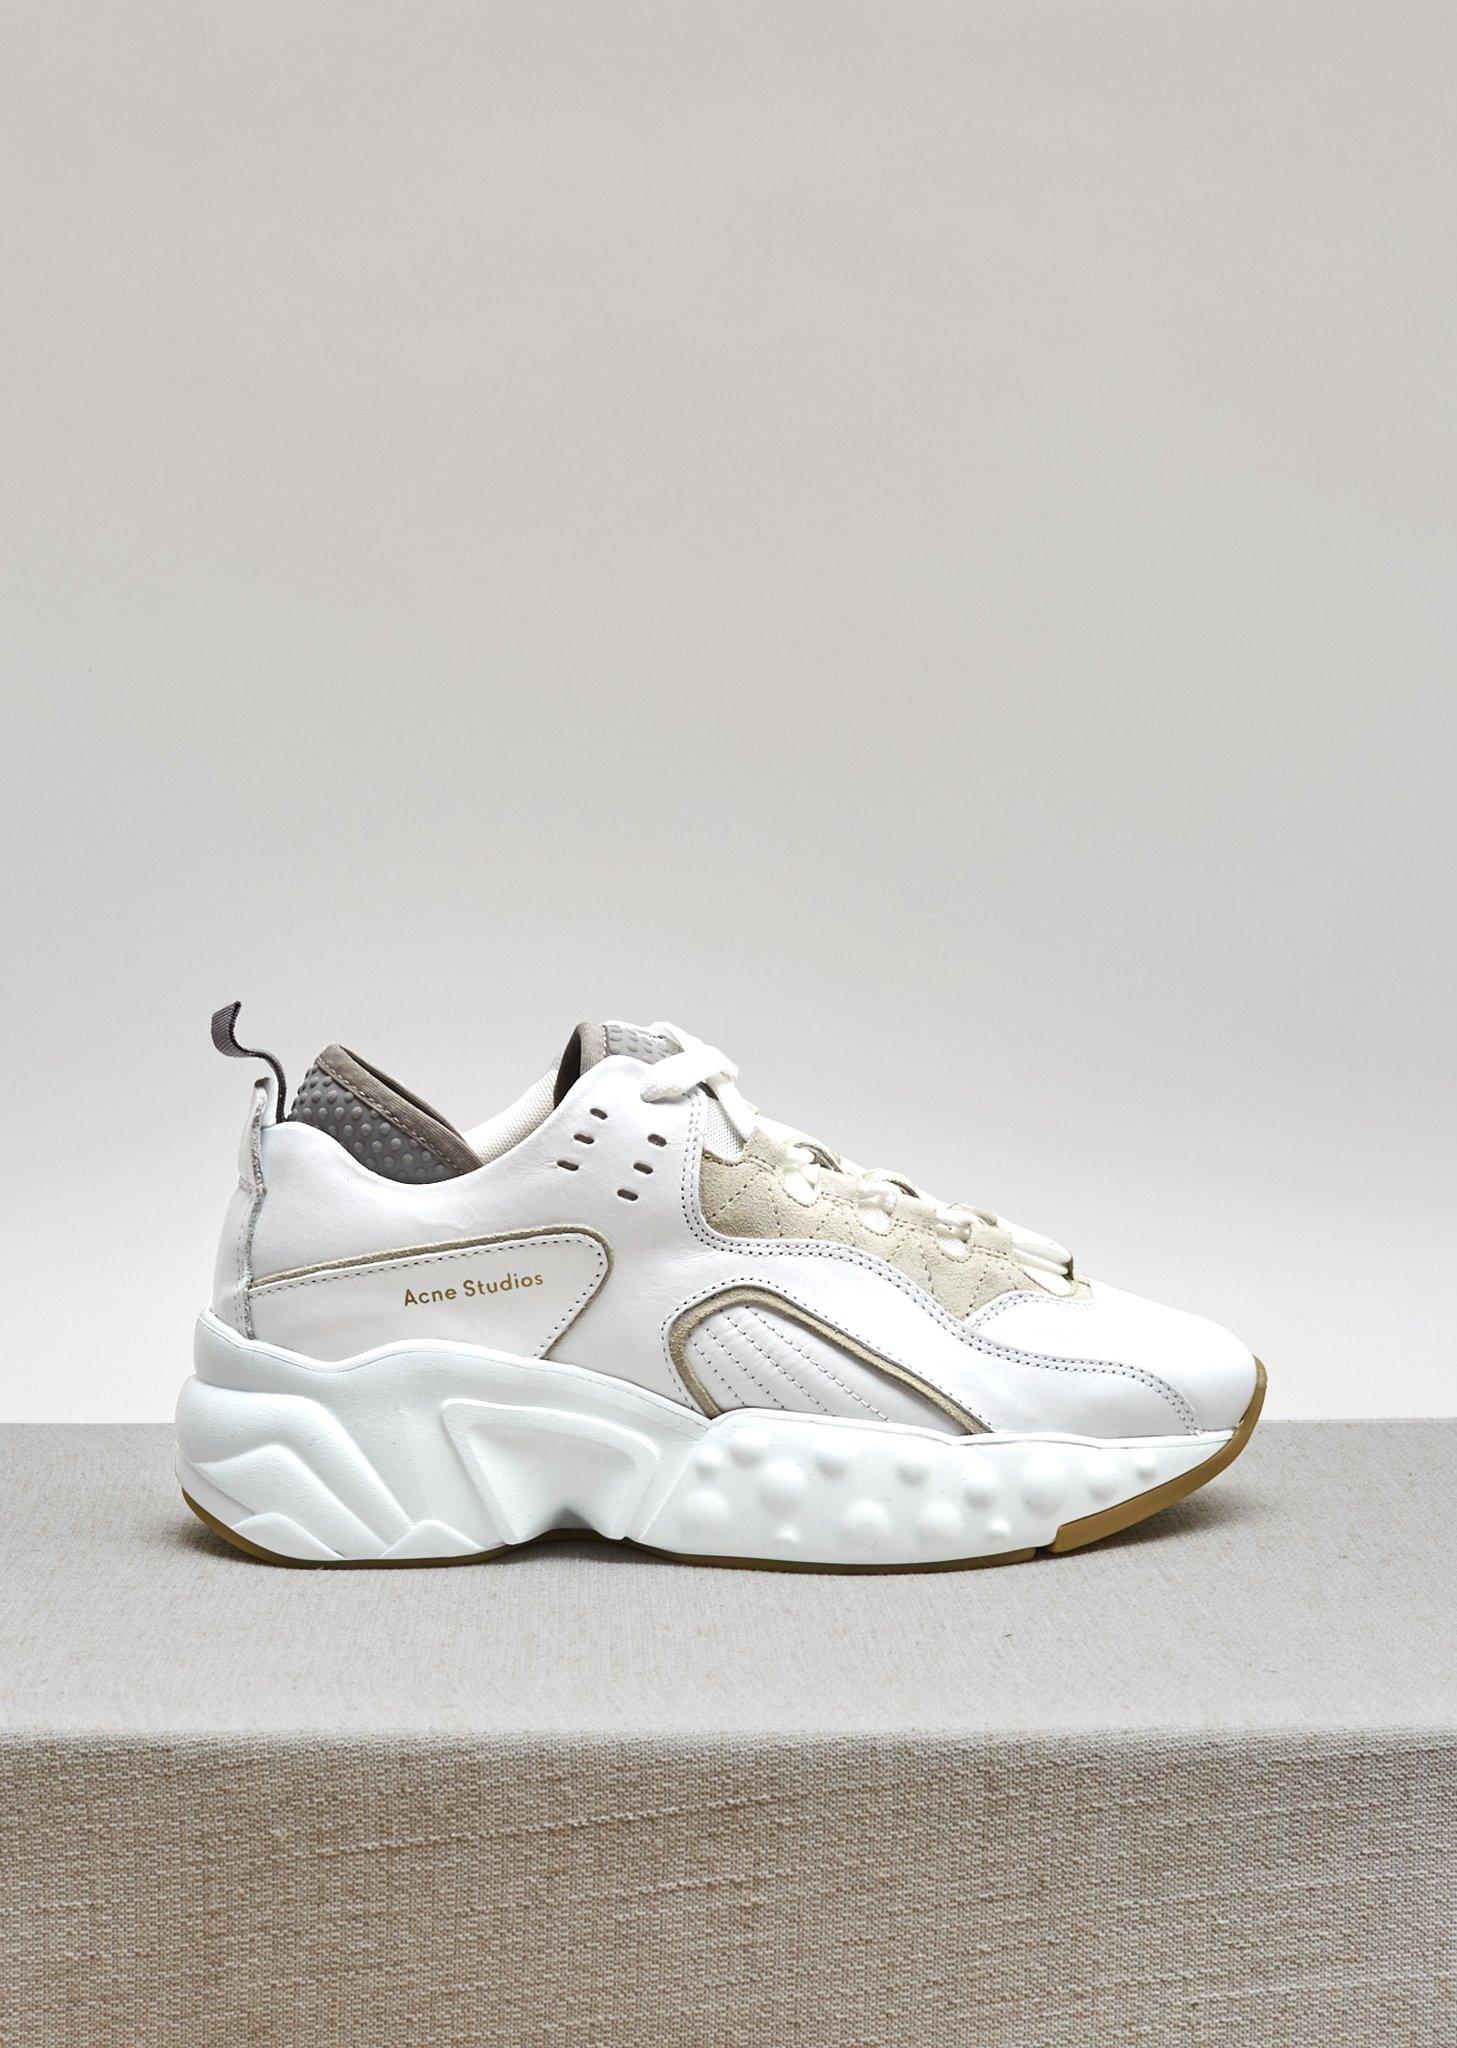 6de0477e Manhattan Sneakers - EU 36 / White / White in 2019 | STYL3Z Guide ...